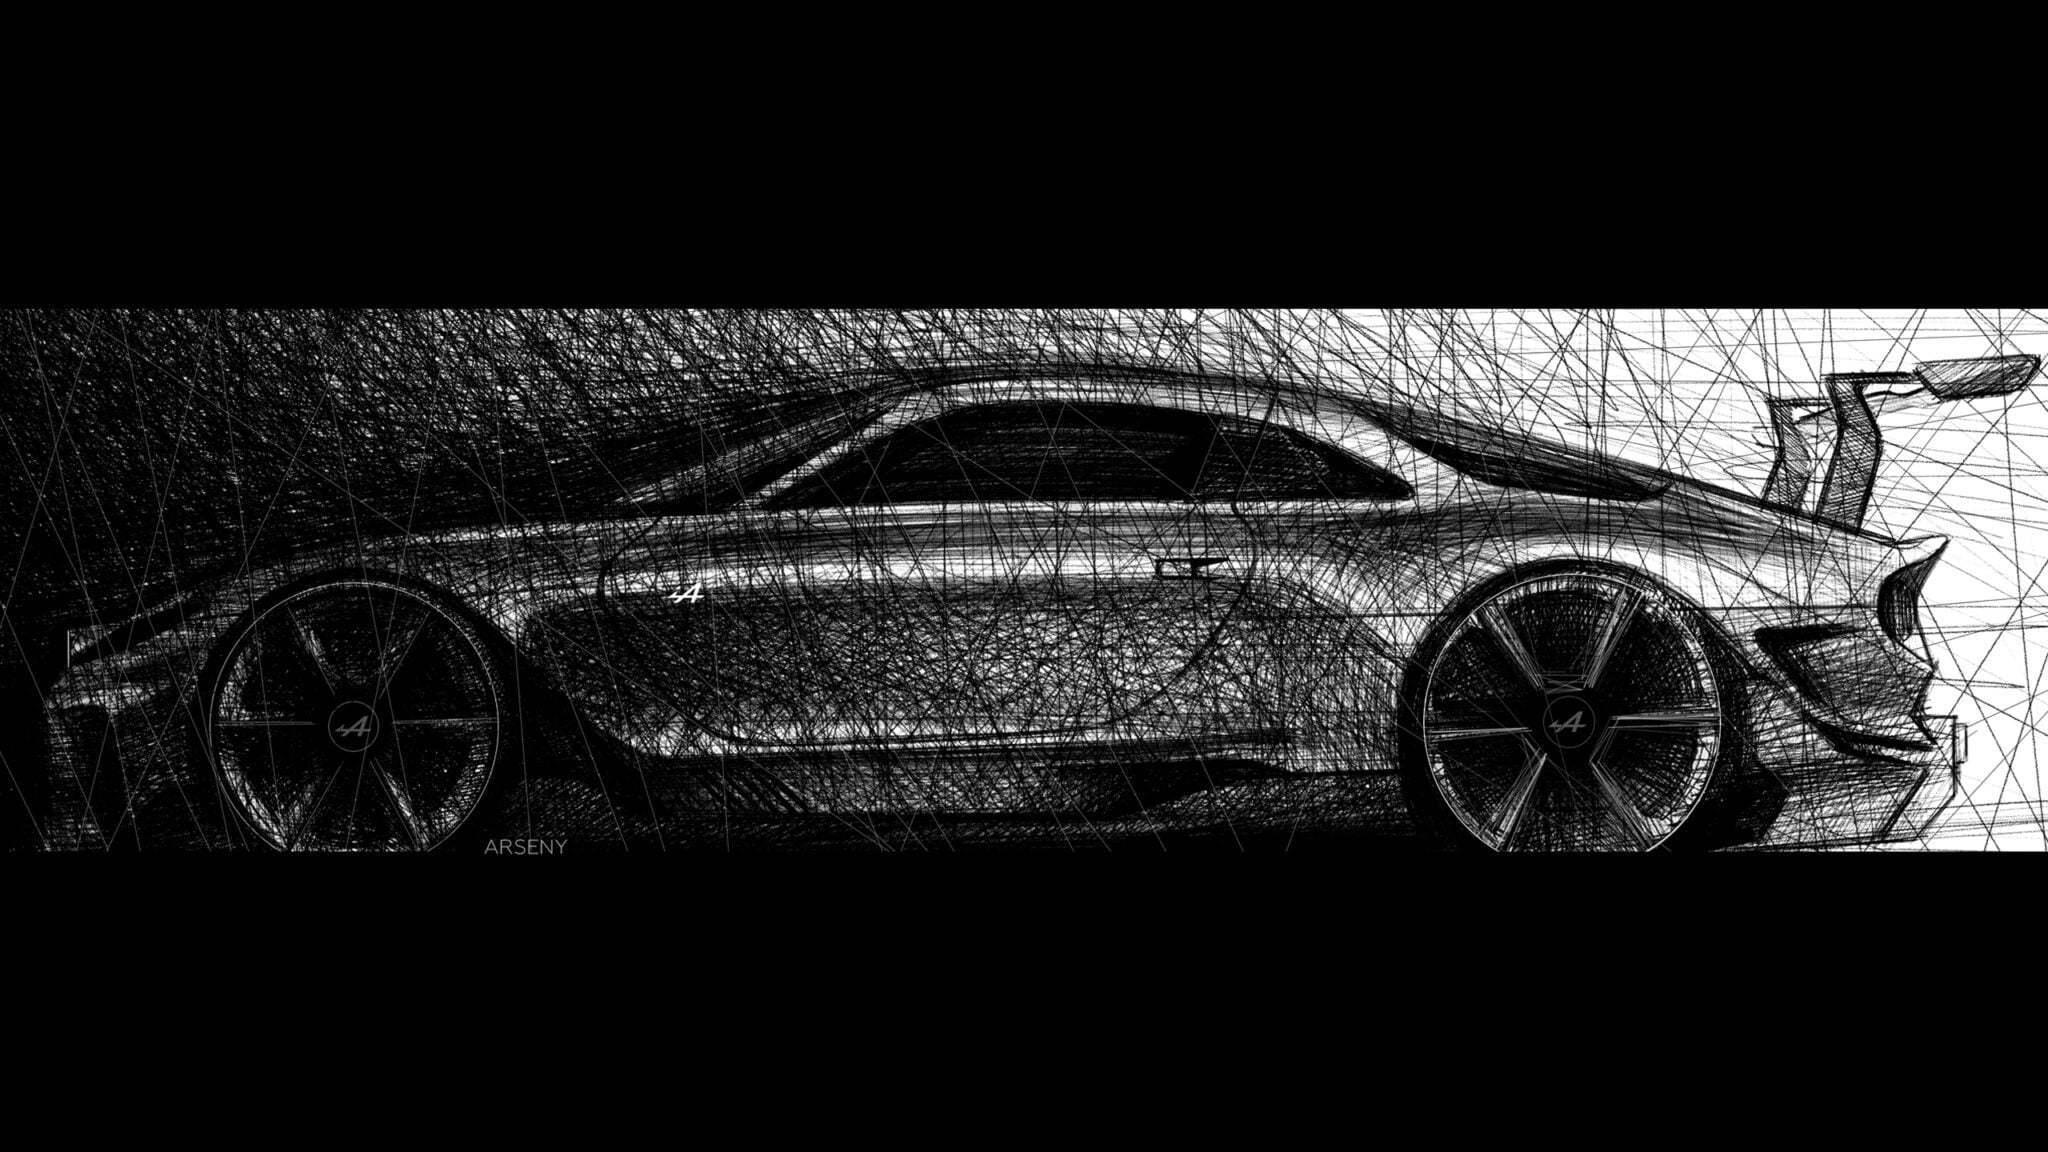 alpine gta arseny kostromin side view sketch | Alpine GTA : l'étude du designer Arseny Kostromin qui s'inpire de l'A110